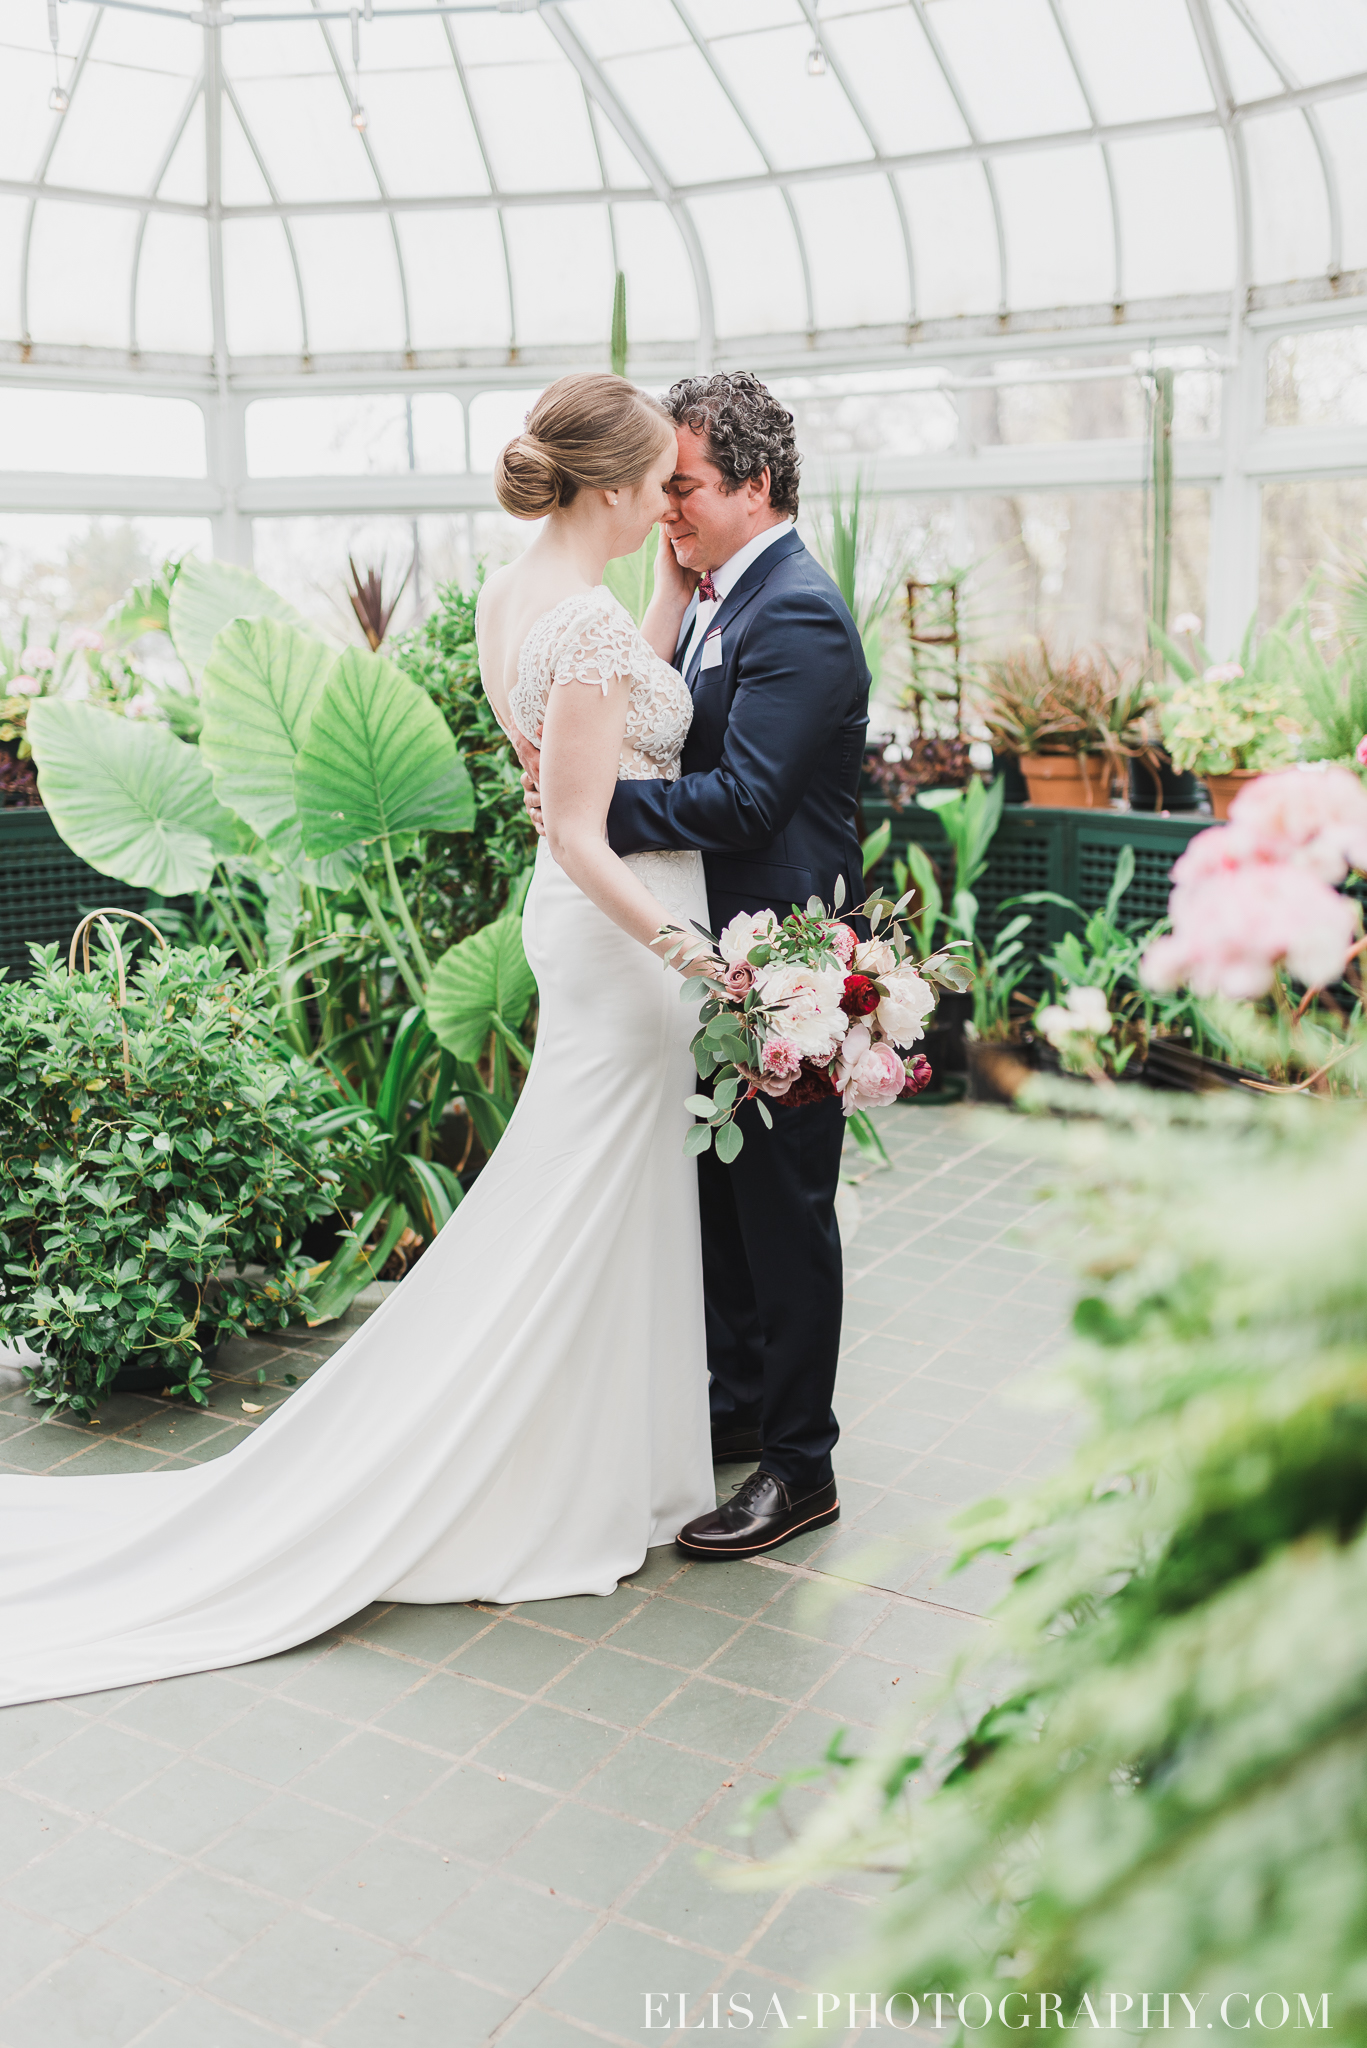 photo mariage quebec domaine cataraqui elisa photographe first look verriere fleurs 9434 - Mariage élégant et discret au coeur du magnifique Domaine Cataraqui, Québec